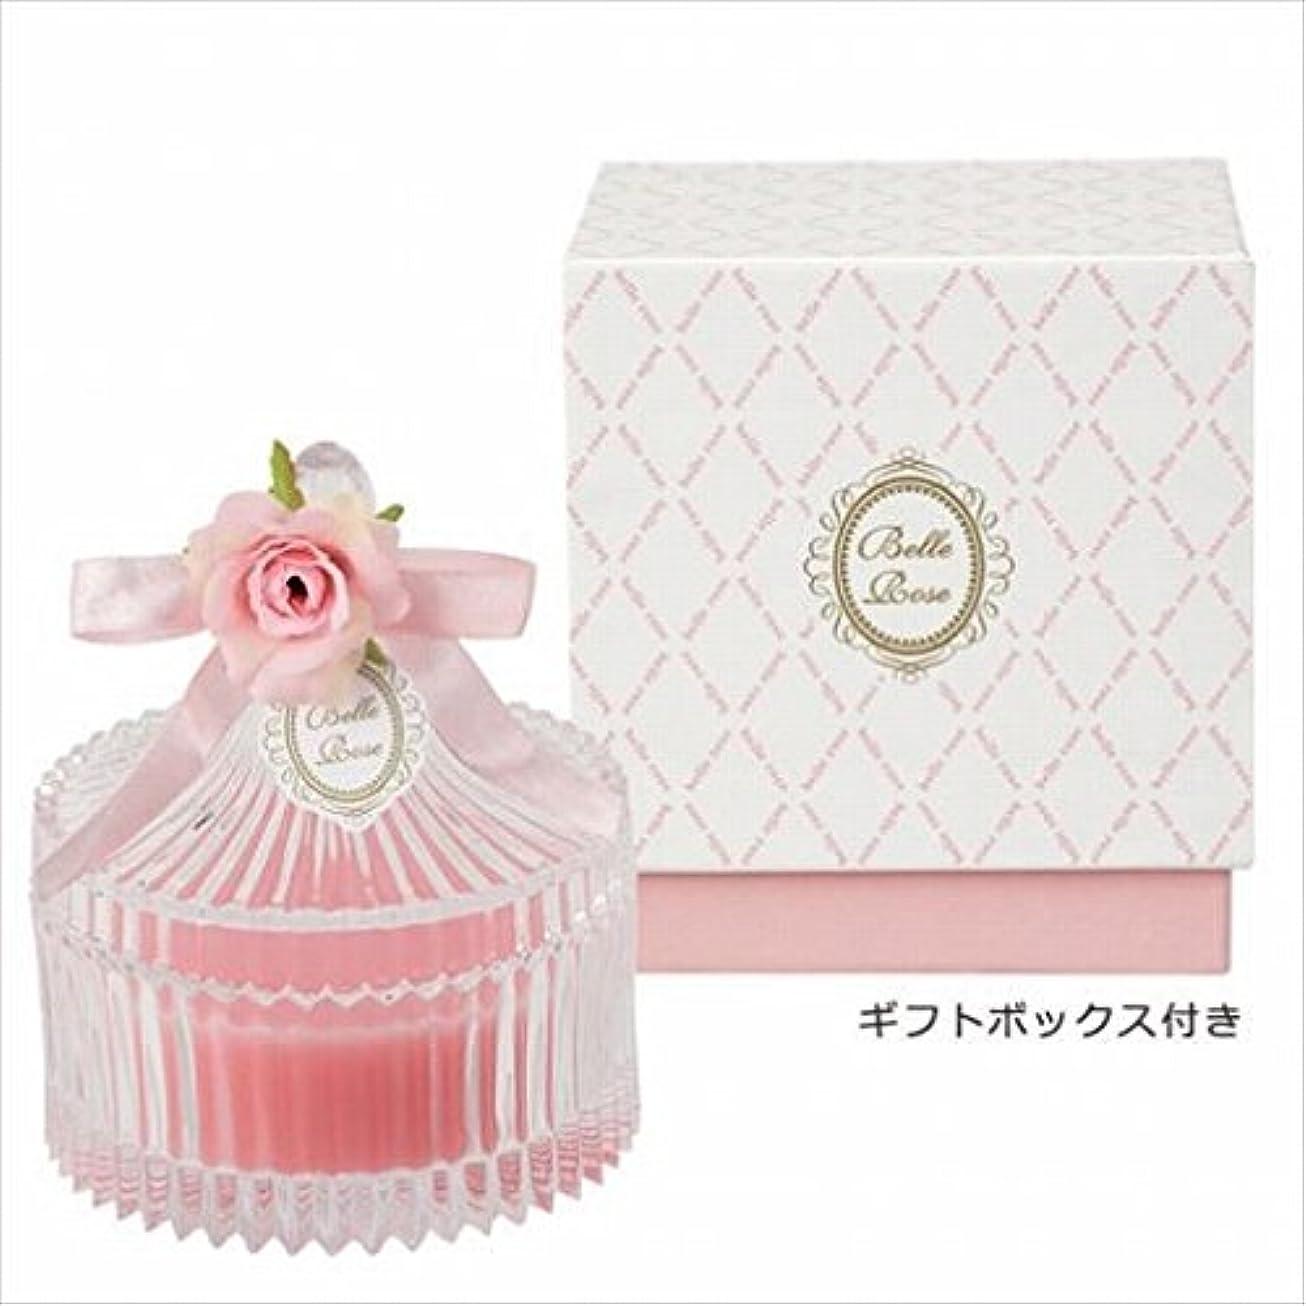 有能なナラーバー割るカメヤマキャンドル( kameyama candle ) ベルローズキャニスター 「 ピンク 」 キャンドル